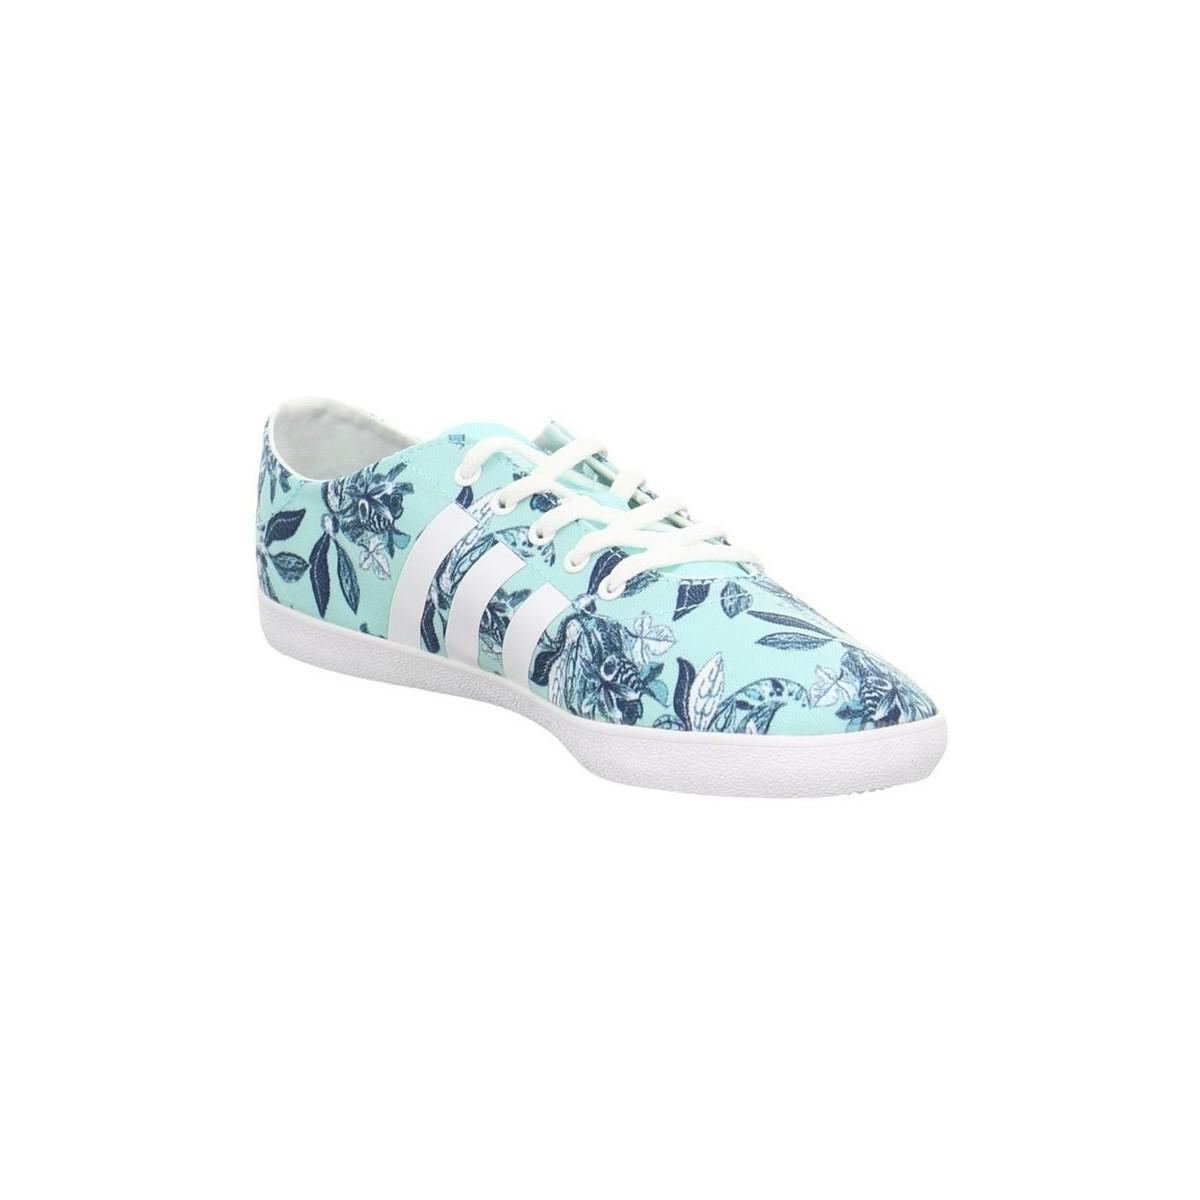 sale retailer 79e19 fe1b7 Adidas Cloudfoam Qt Vulc W Damen Sneaker Womens Shoes (train